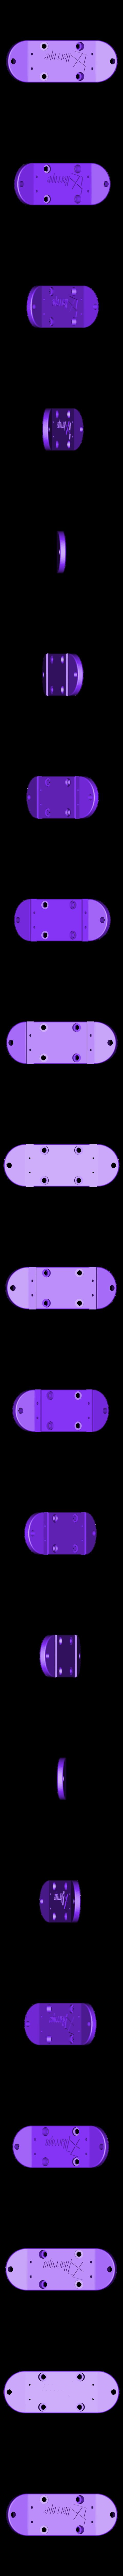 platov0.9.stl Télécharger fichier STL gratuit Harrope Cable Cam GoPro v1.0 • Design pour imprimante 3D, GuillermoMaroto